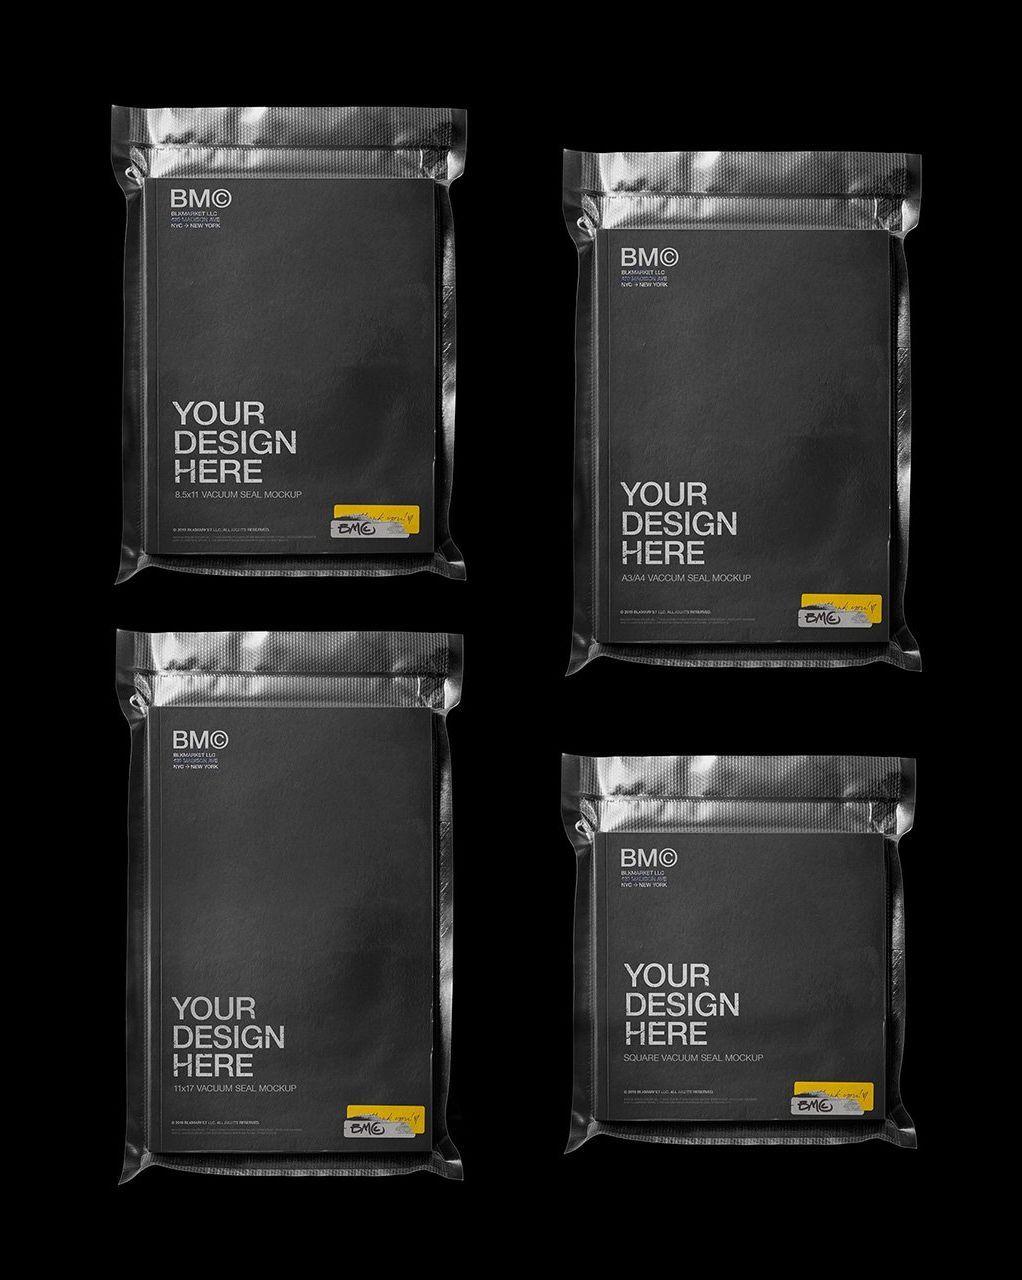 Download Sealed Bundle Zip Plastic Packaging Design Packaging Design Inspiration Spices Packaging